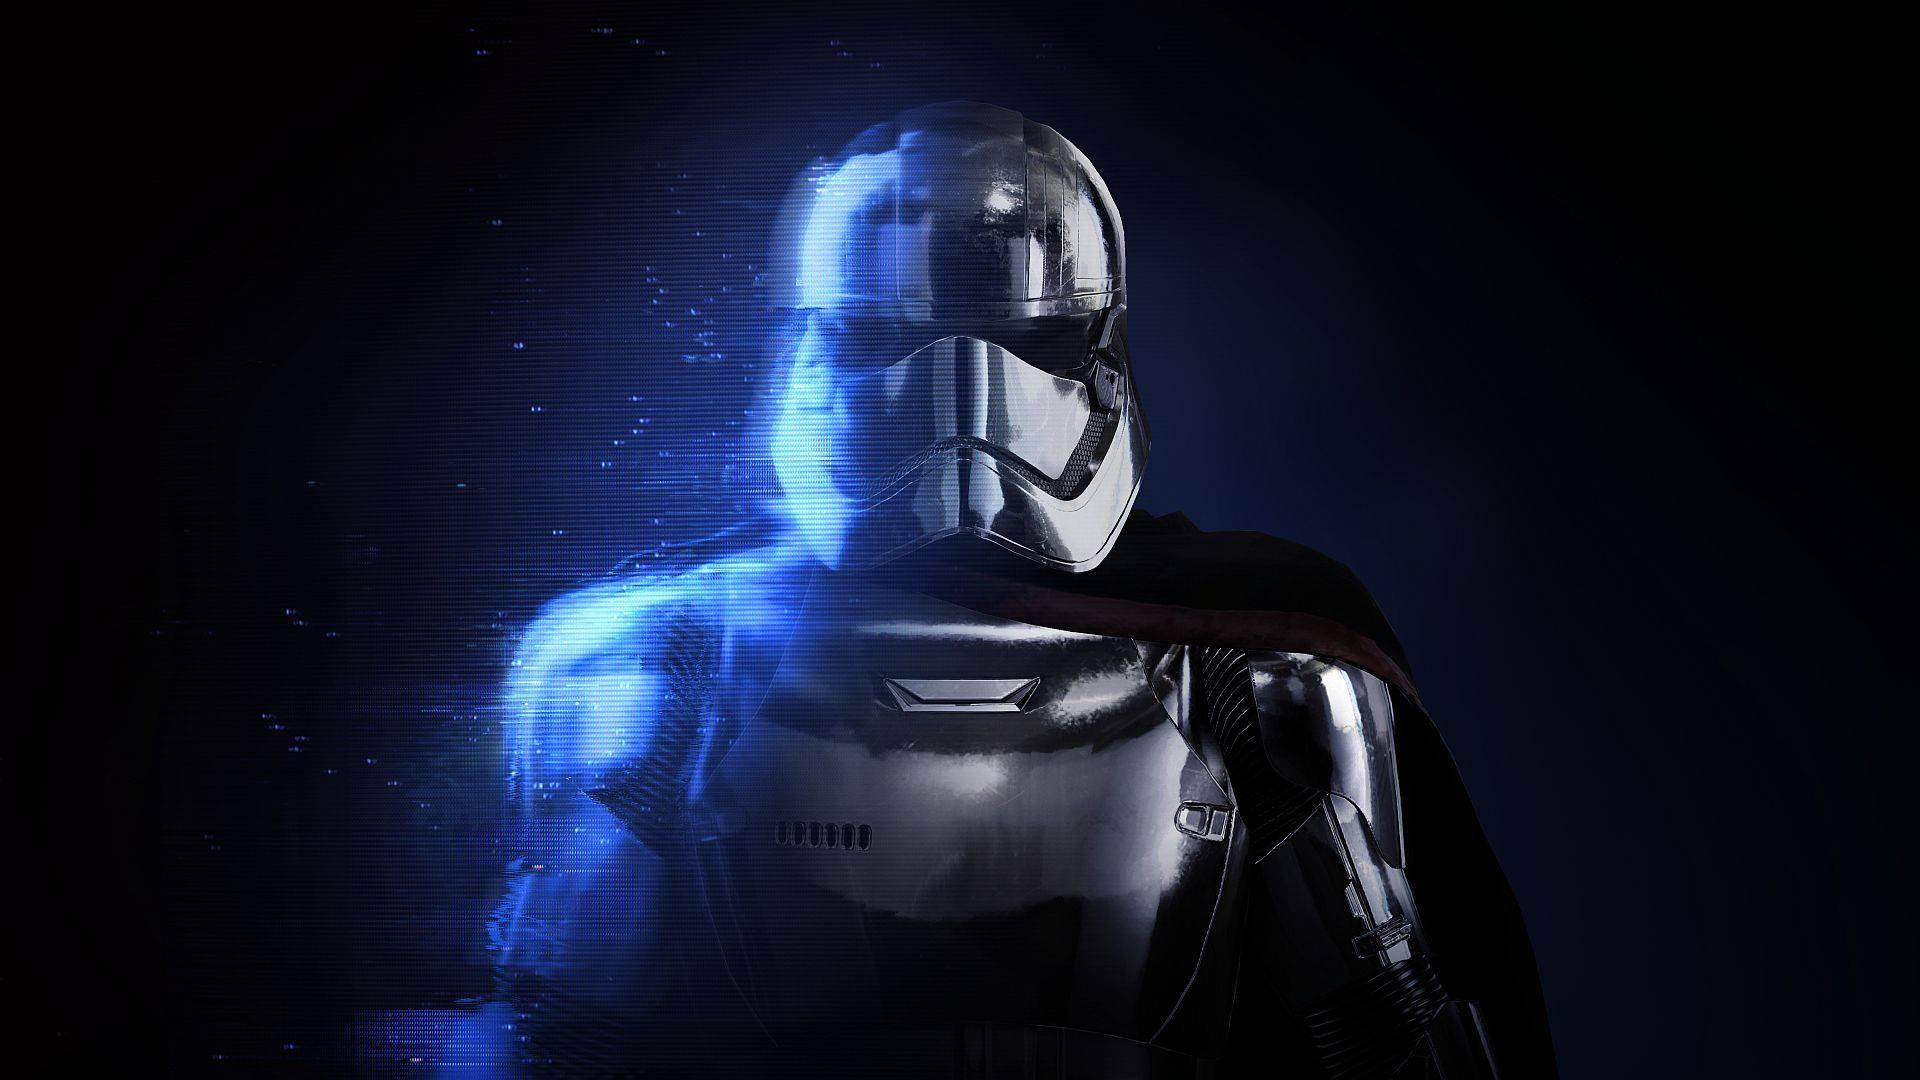 Star Wars Battlefront Ii Darth Vader Wallpaper